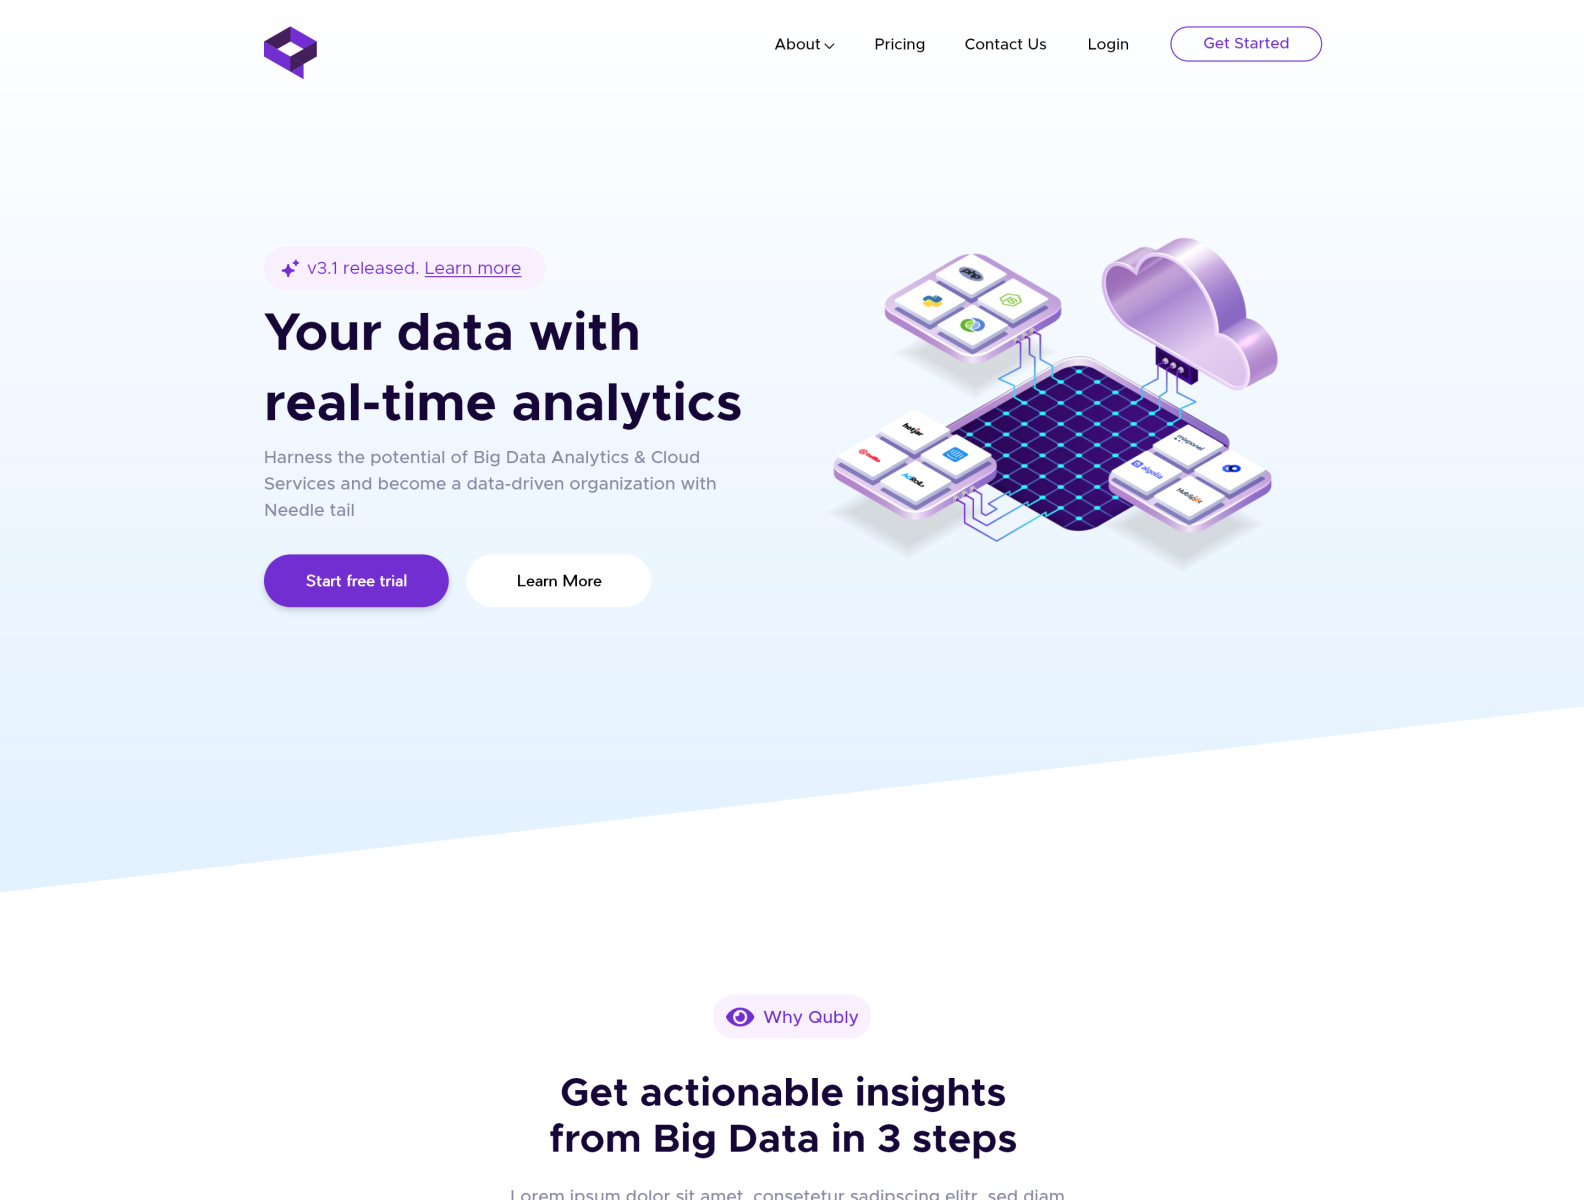 数据分析/集成网站页面设计模板插图2